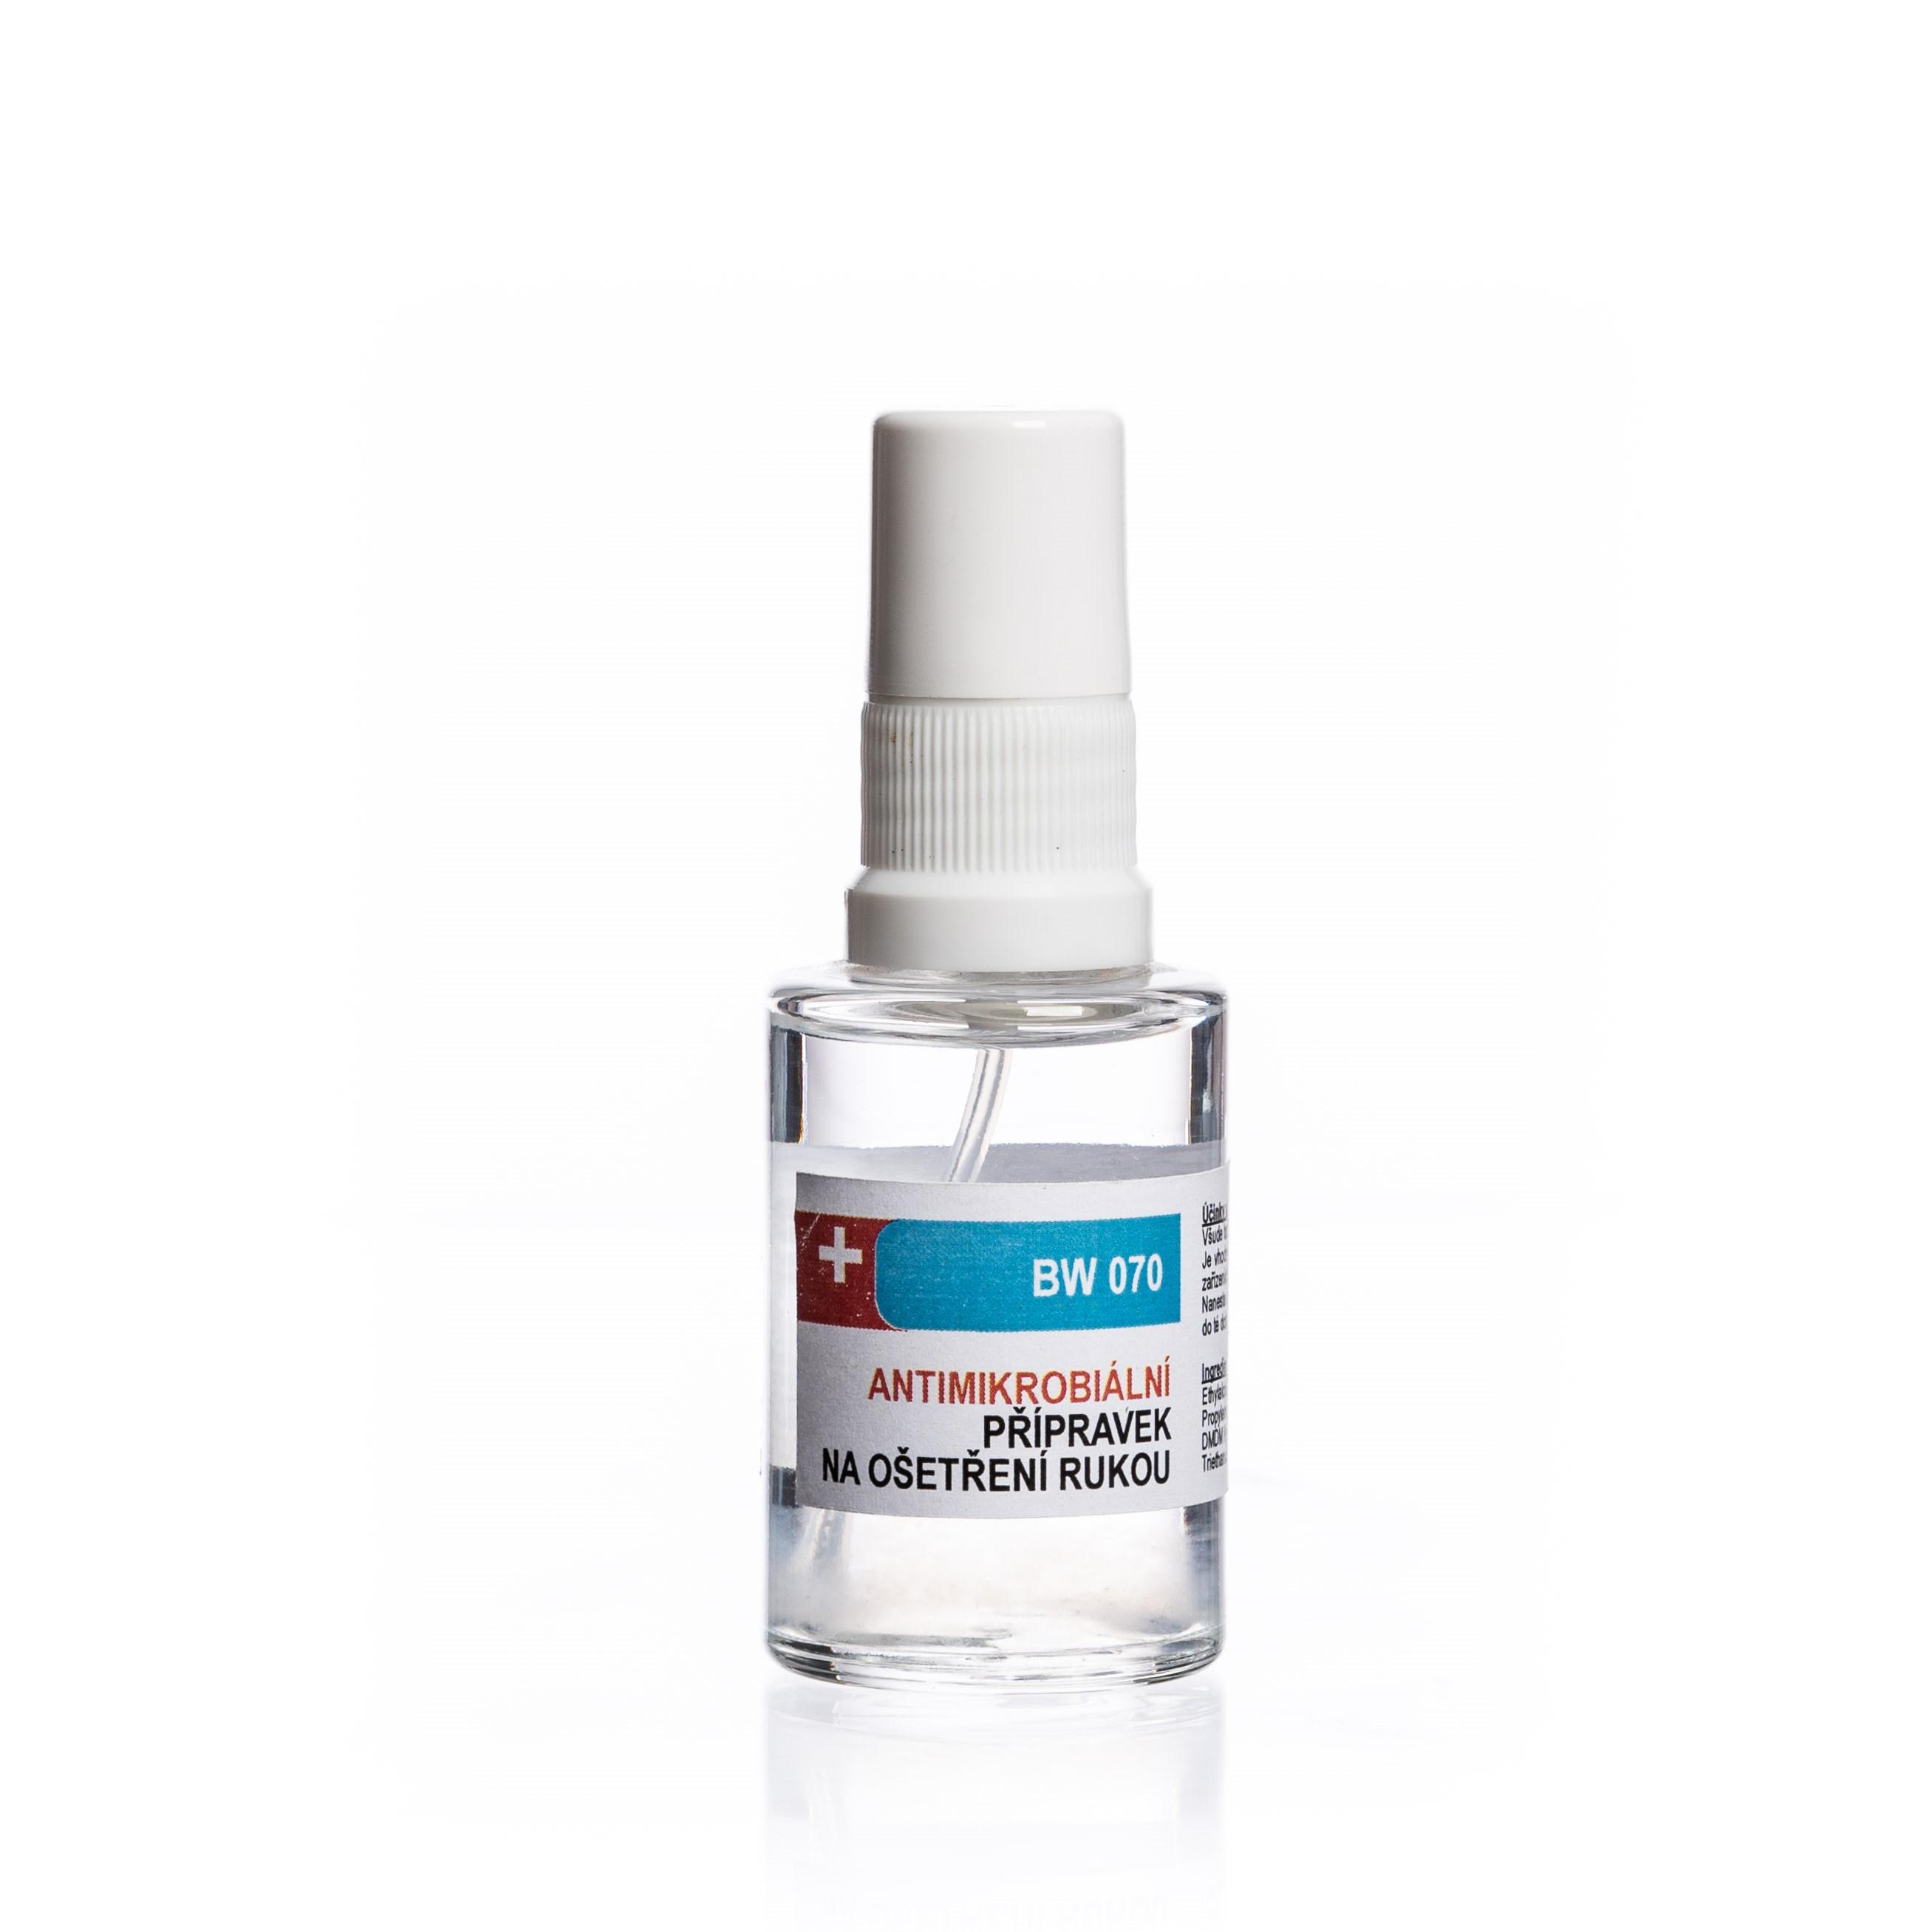 Antimikrobiální sprej 30 ml - zvìtšit obrázek